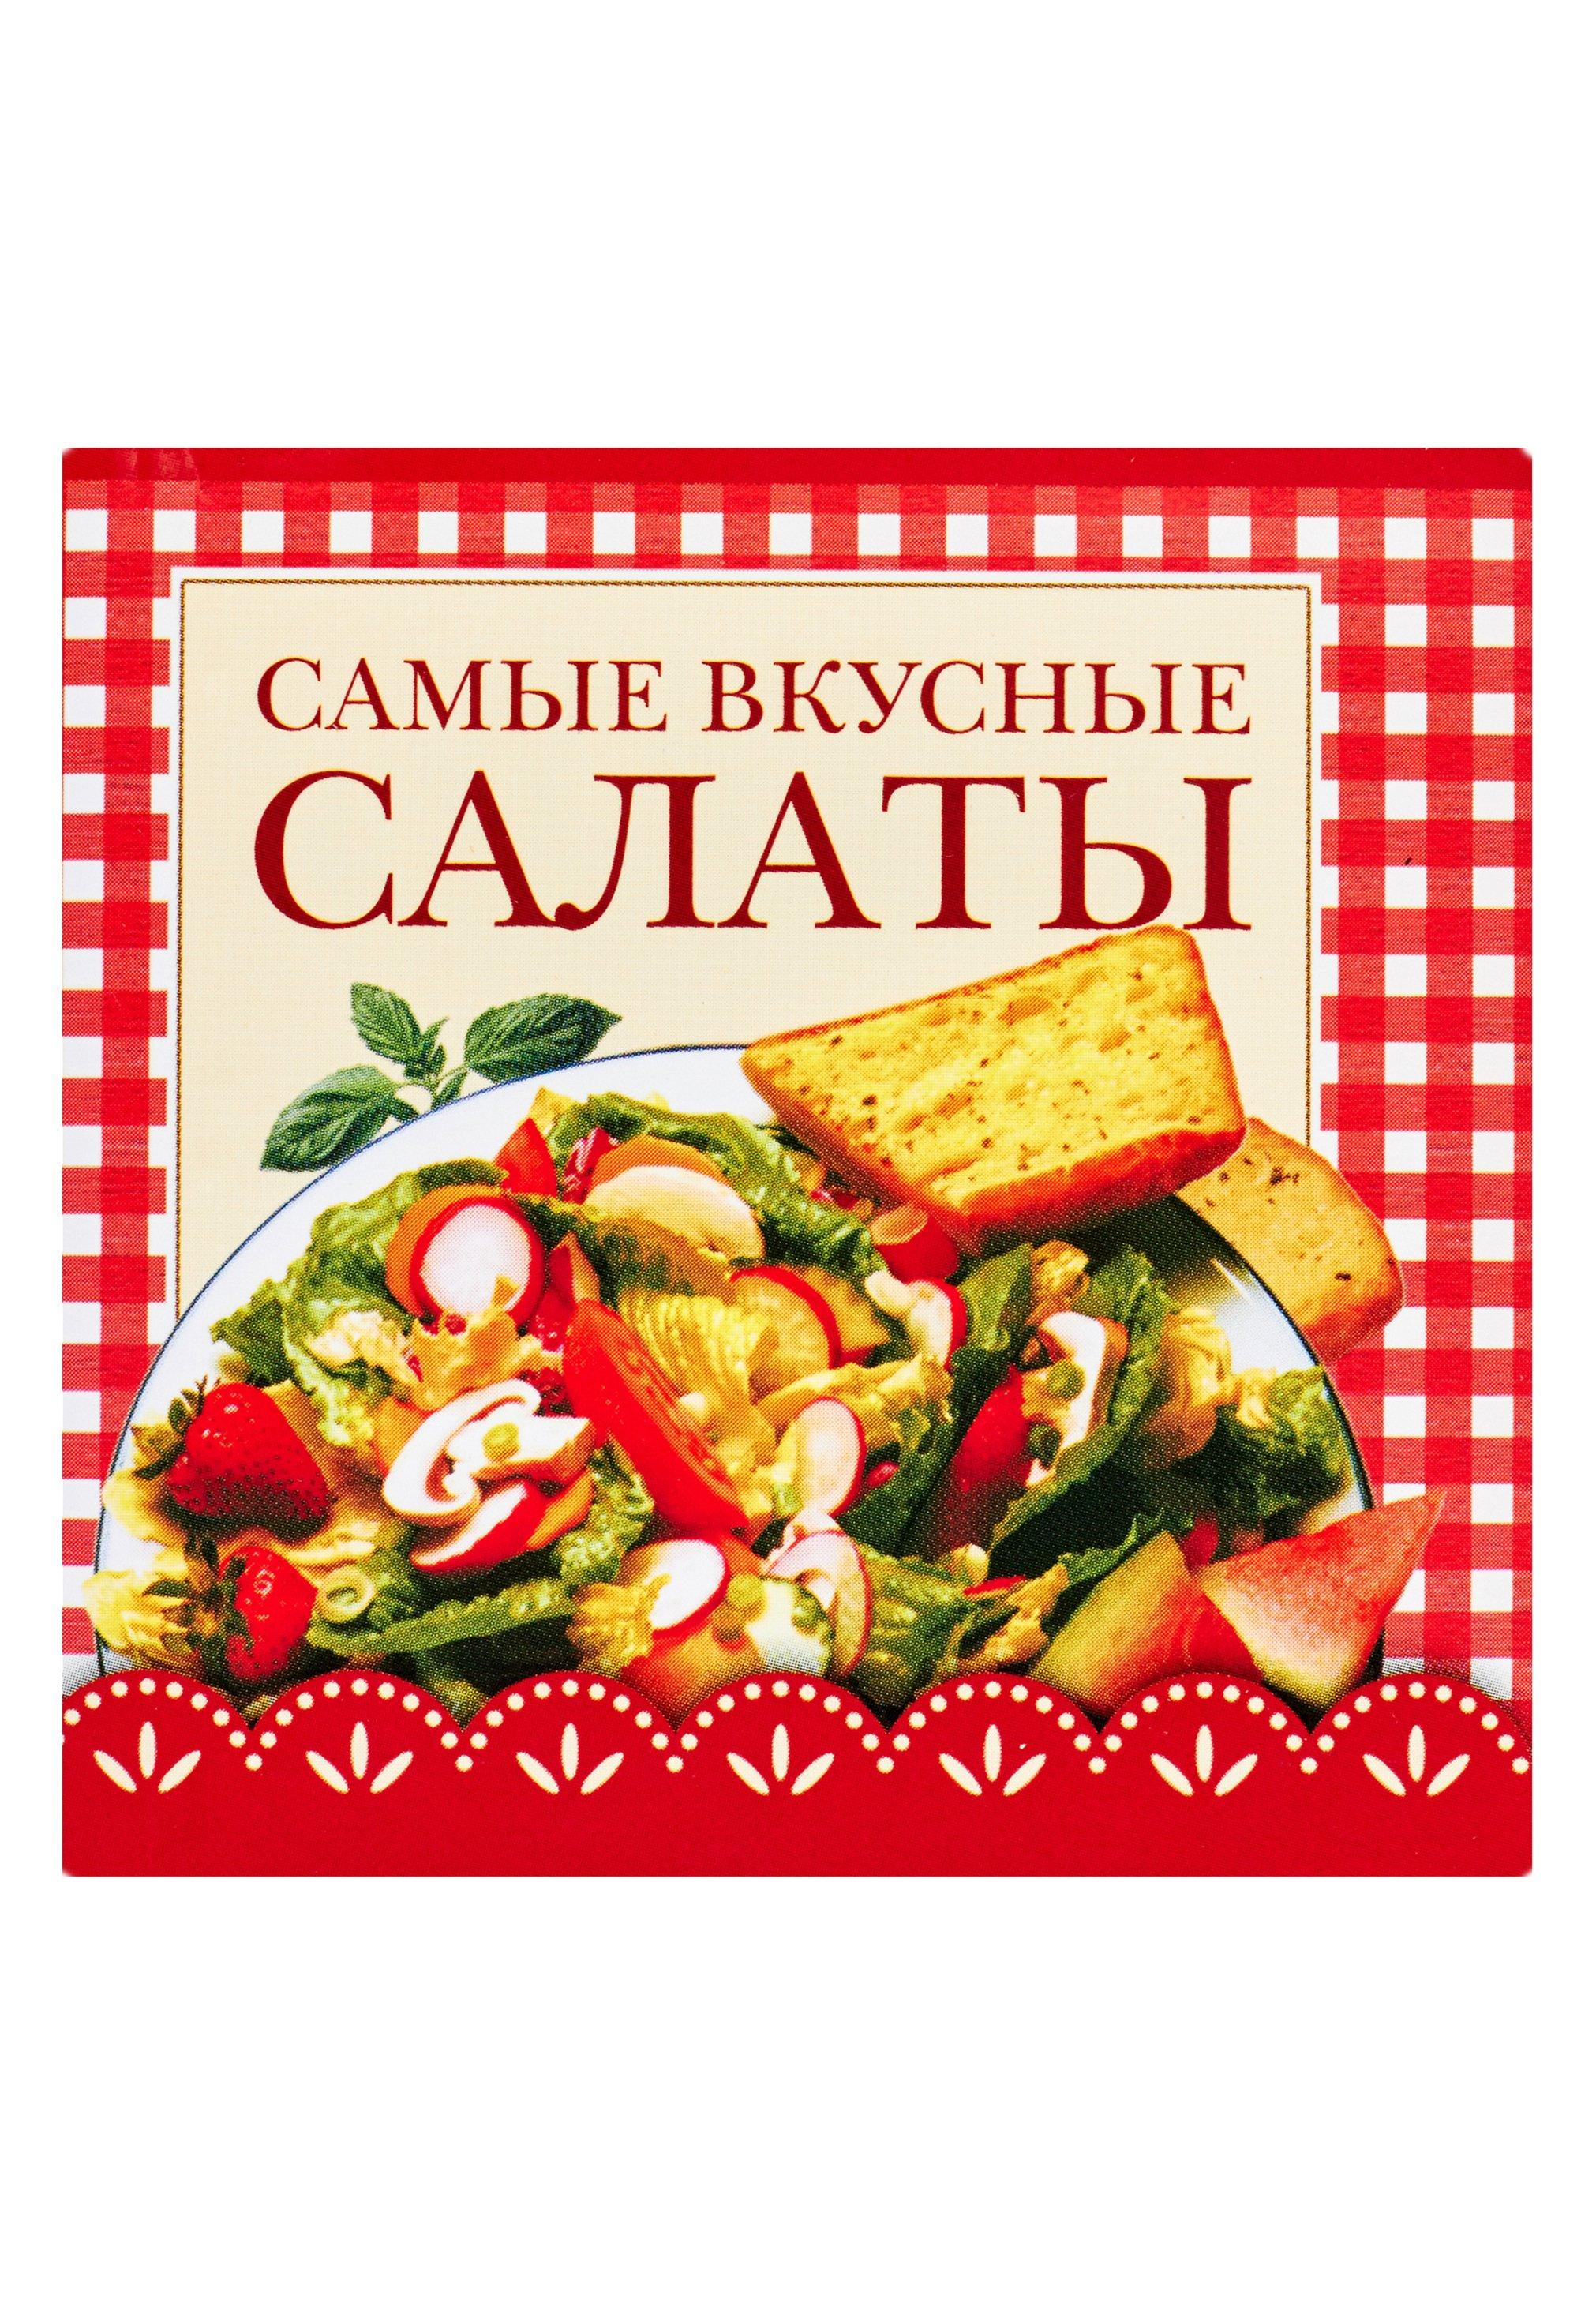 Крестьянова Н. Е. Самые вкусные салаты